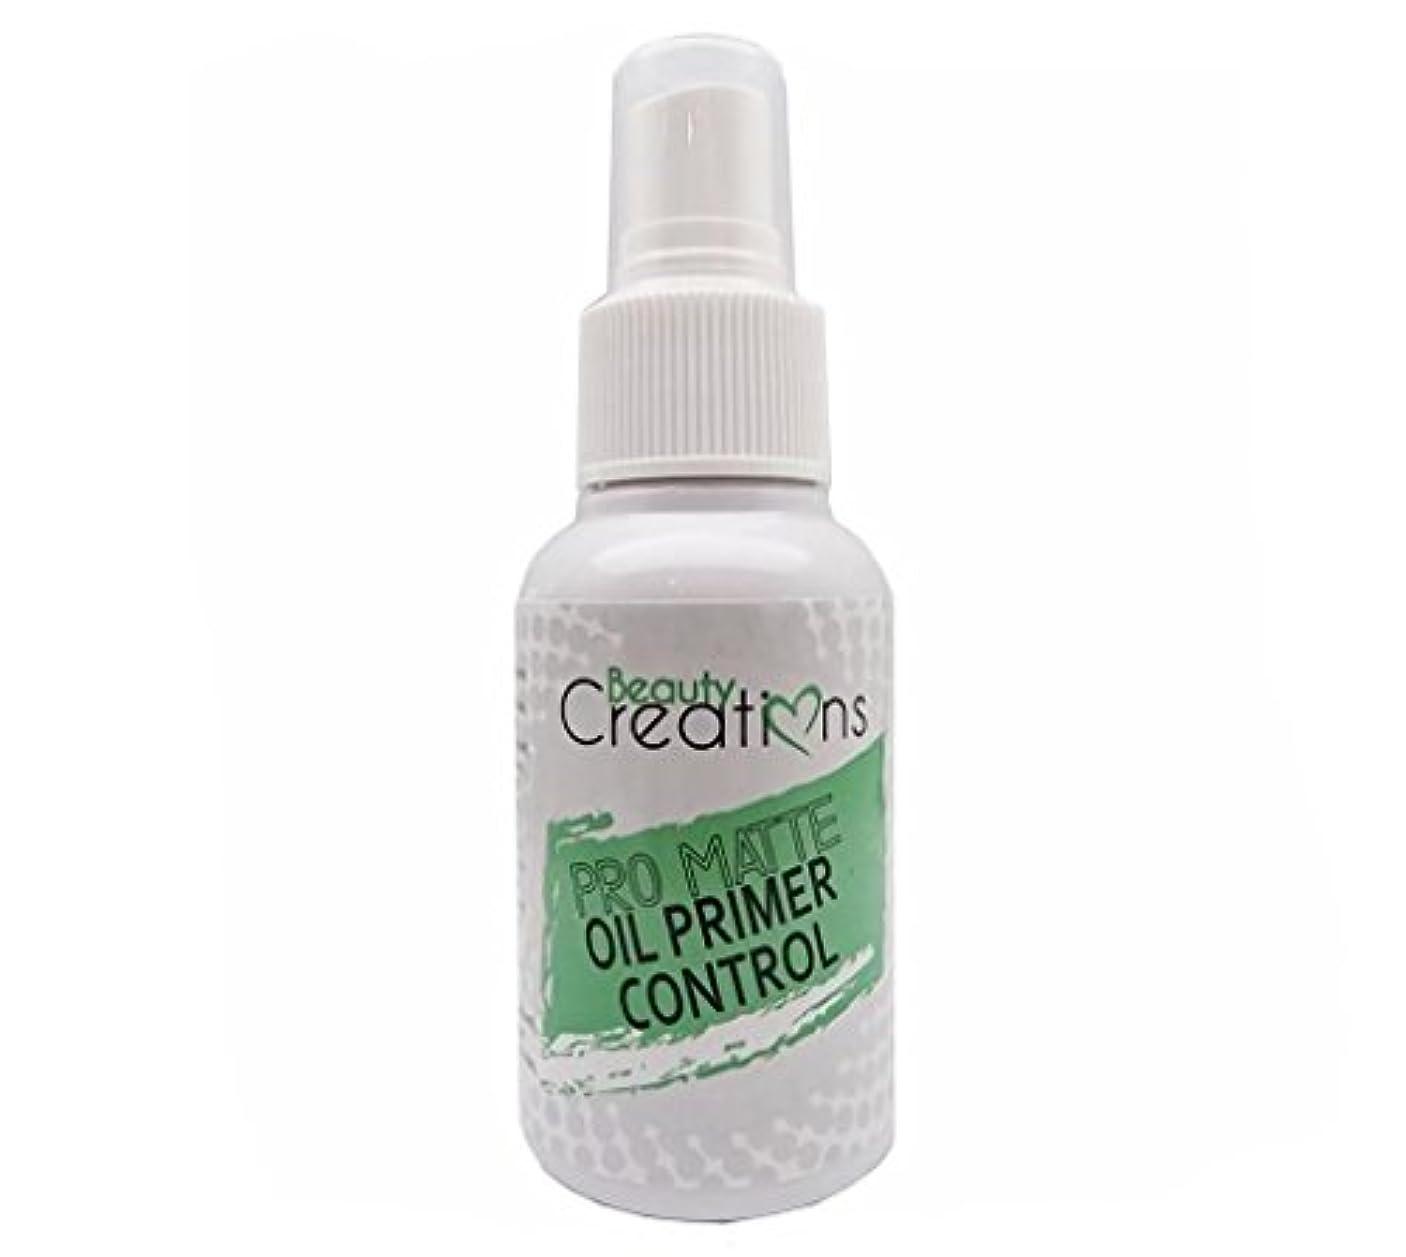 極めて重要な奴隷エンターテインメントBEAUTY CREATIONS Pro Matte Oil Primer Control Spray (並行輸入品)